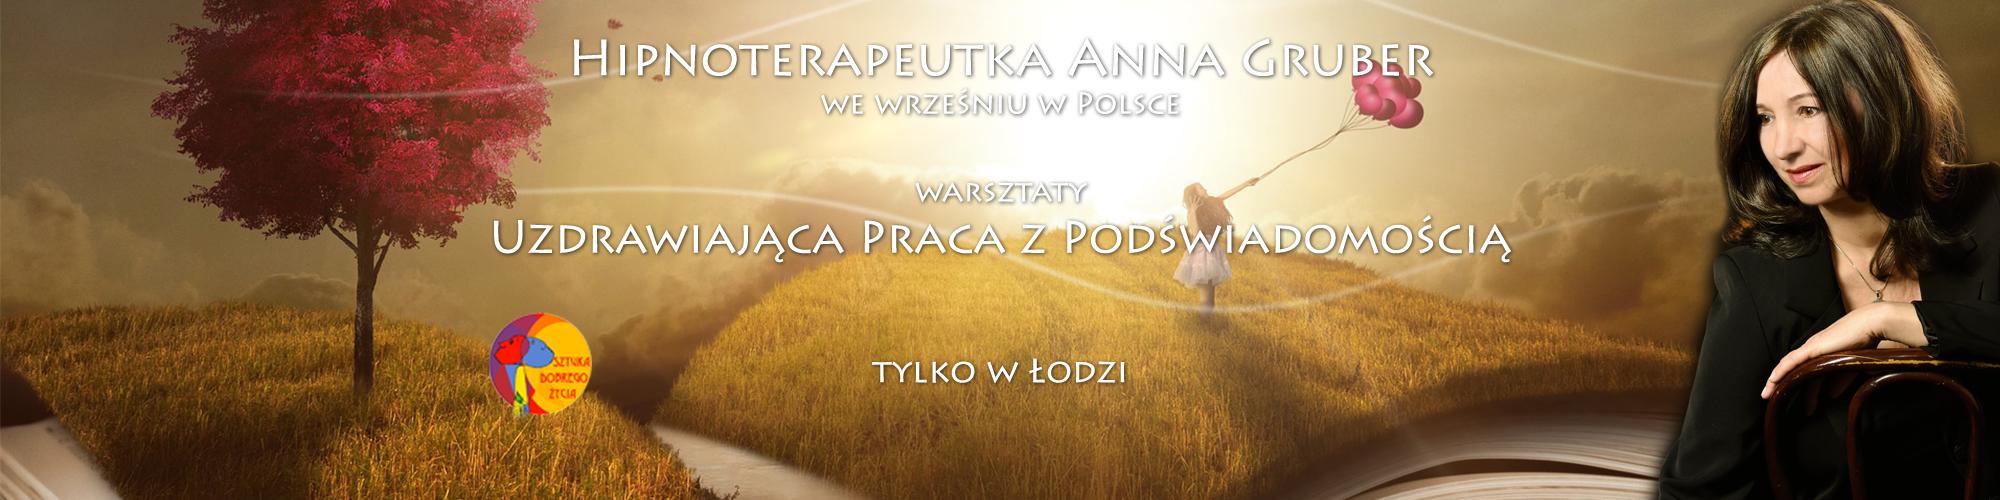 podswiadomosc6-banner